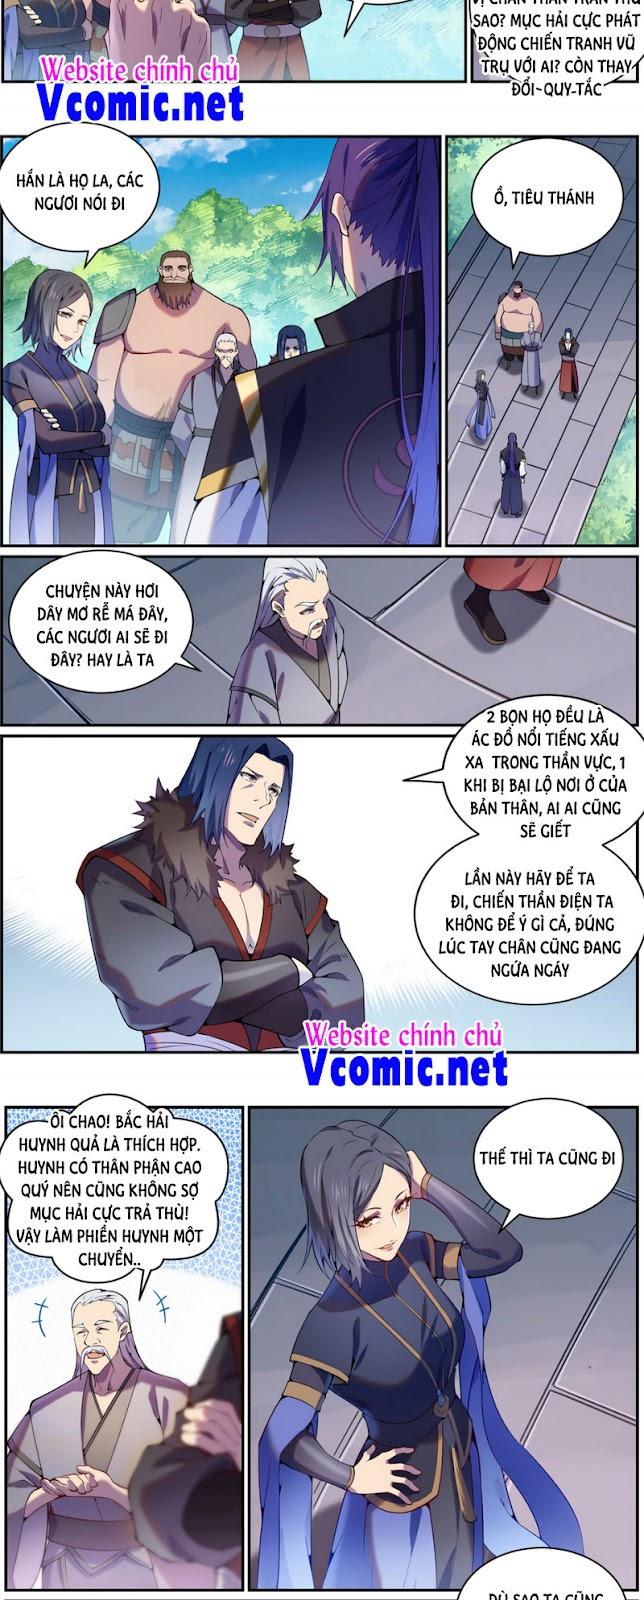 Bách Luyện Thành Thần Chương 821 - Vcomic.net